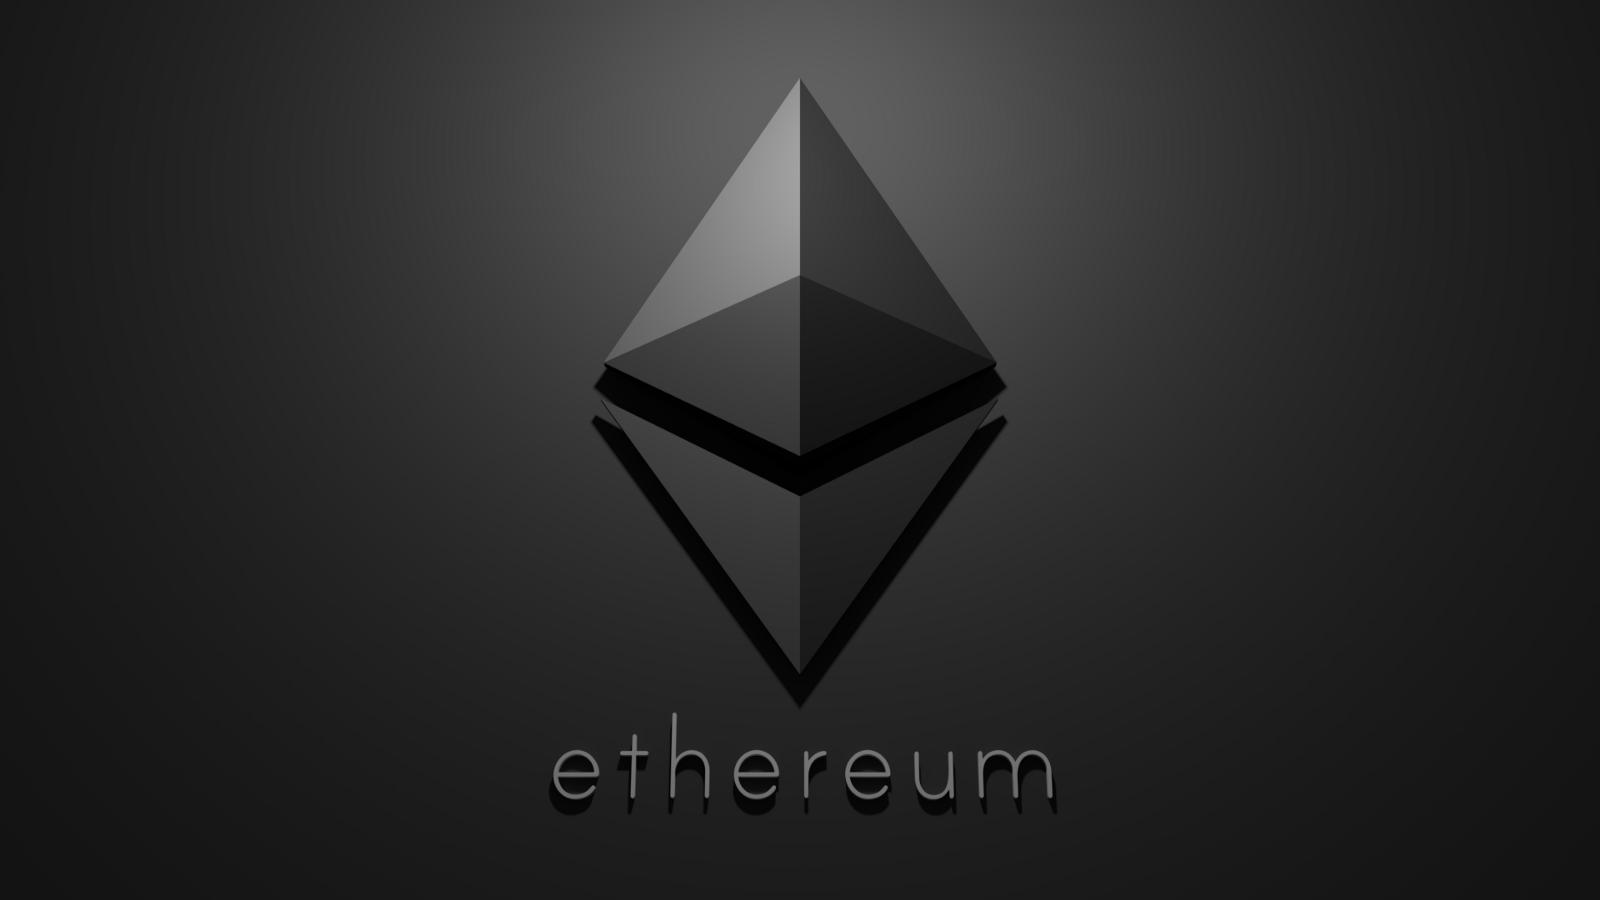 ethereum-1